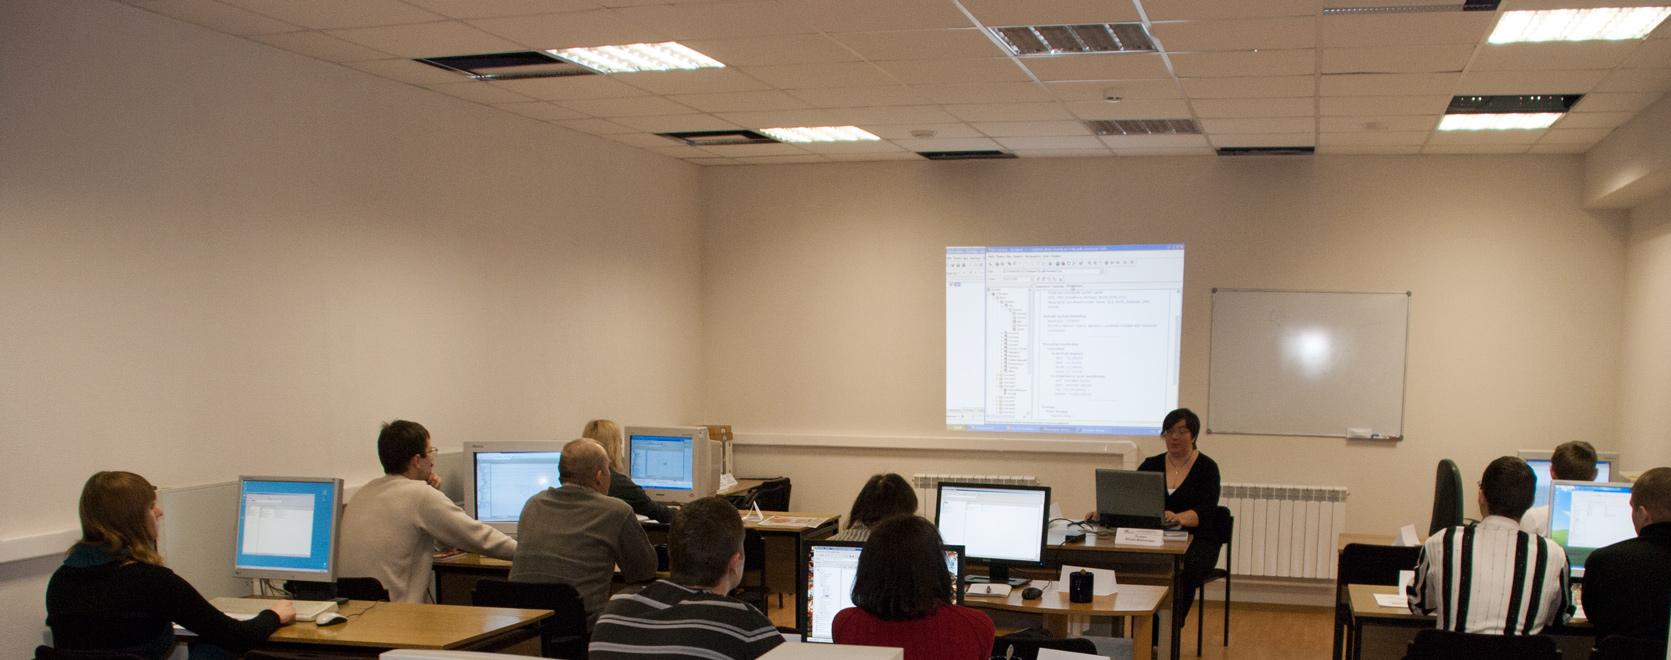 Учебный класс - фото 1